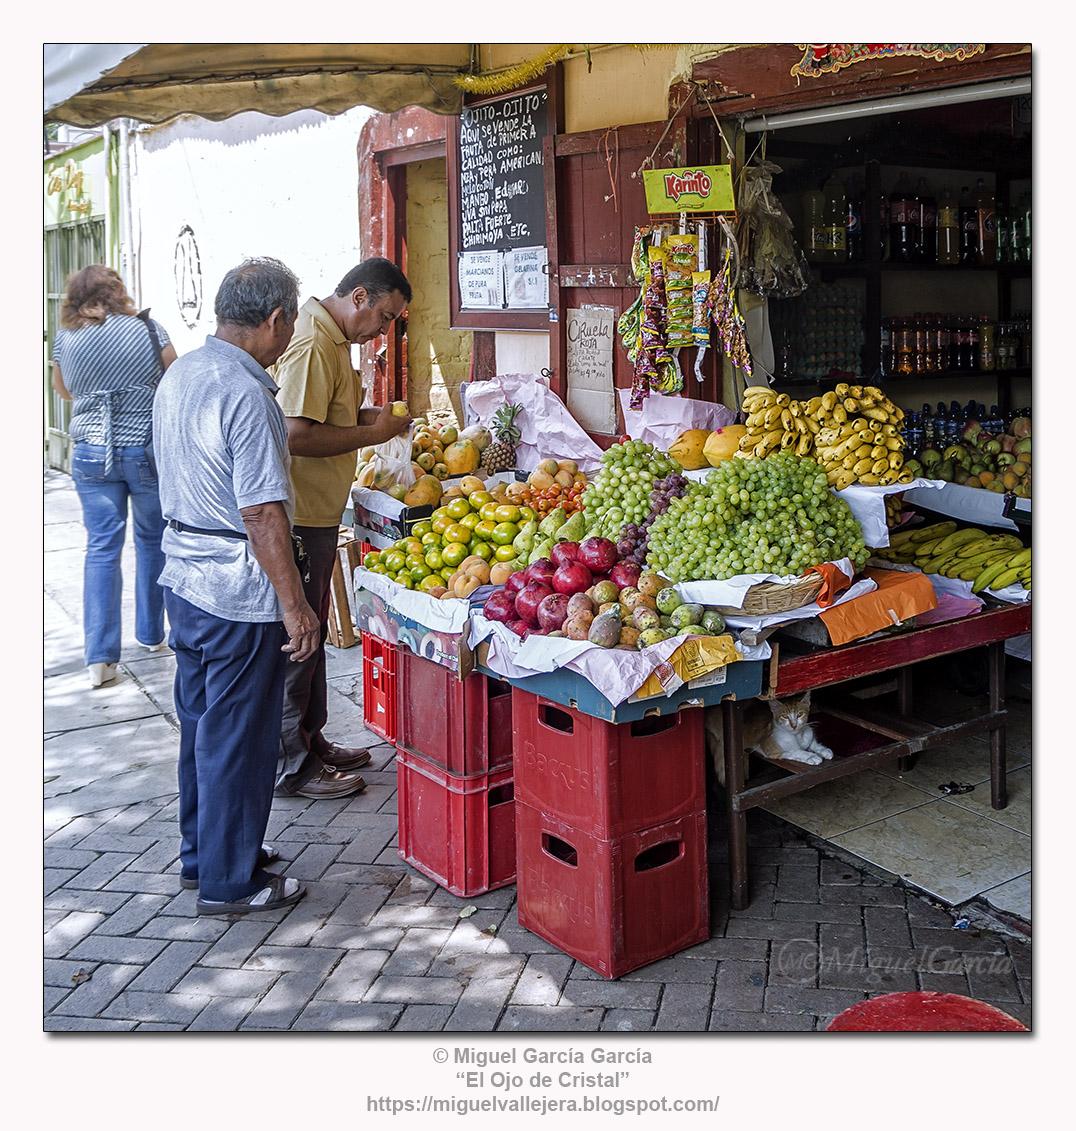 Frutería y abarrotes. Surco Viejo, Lima.